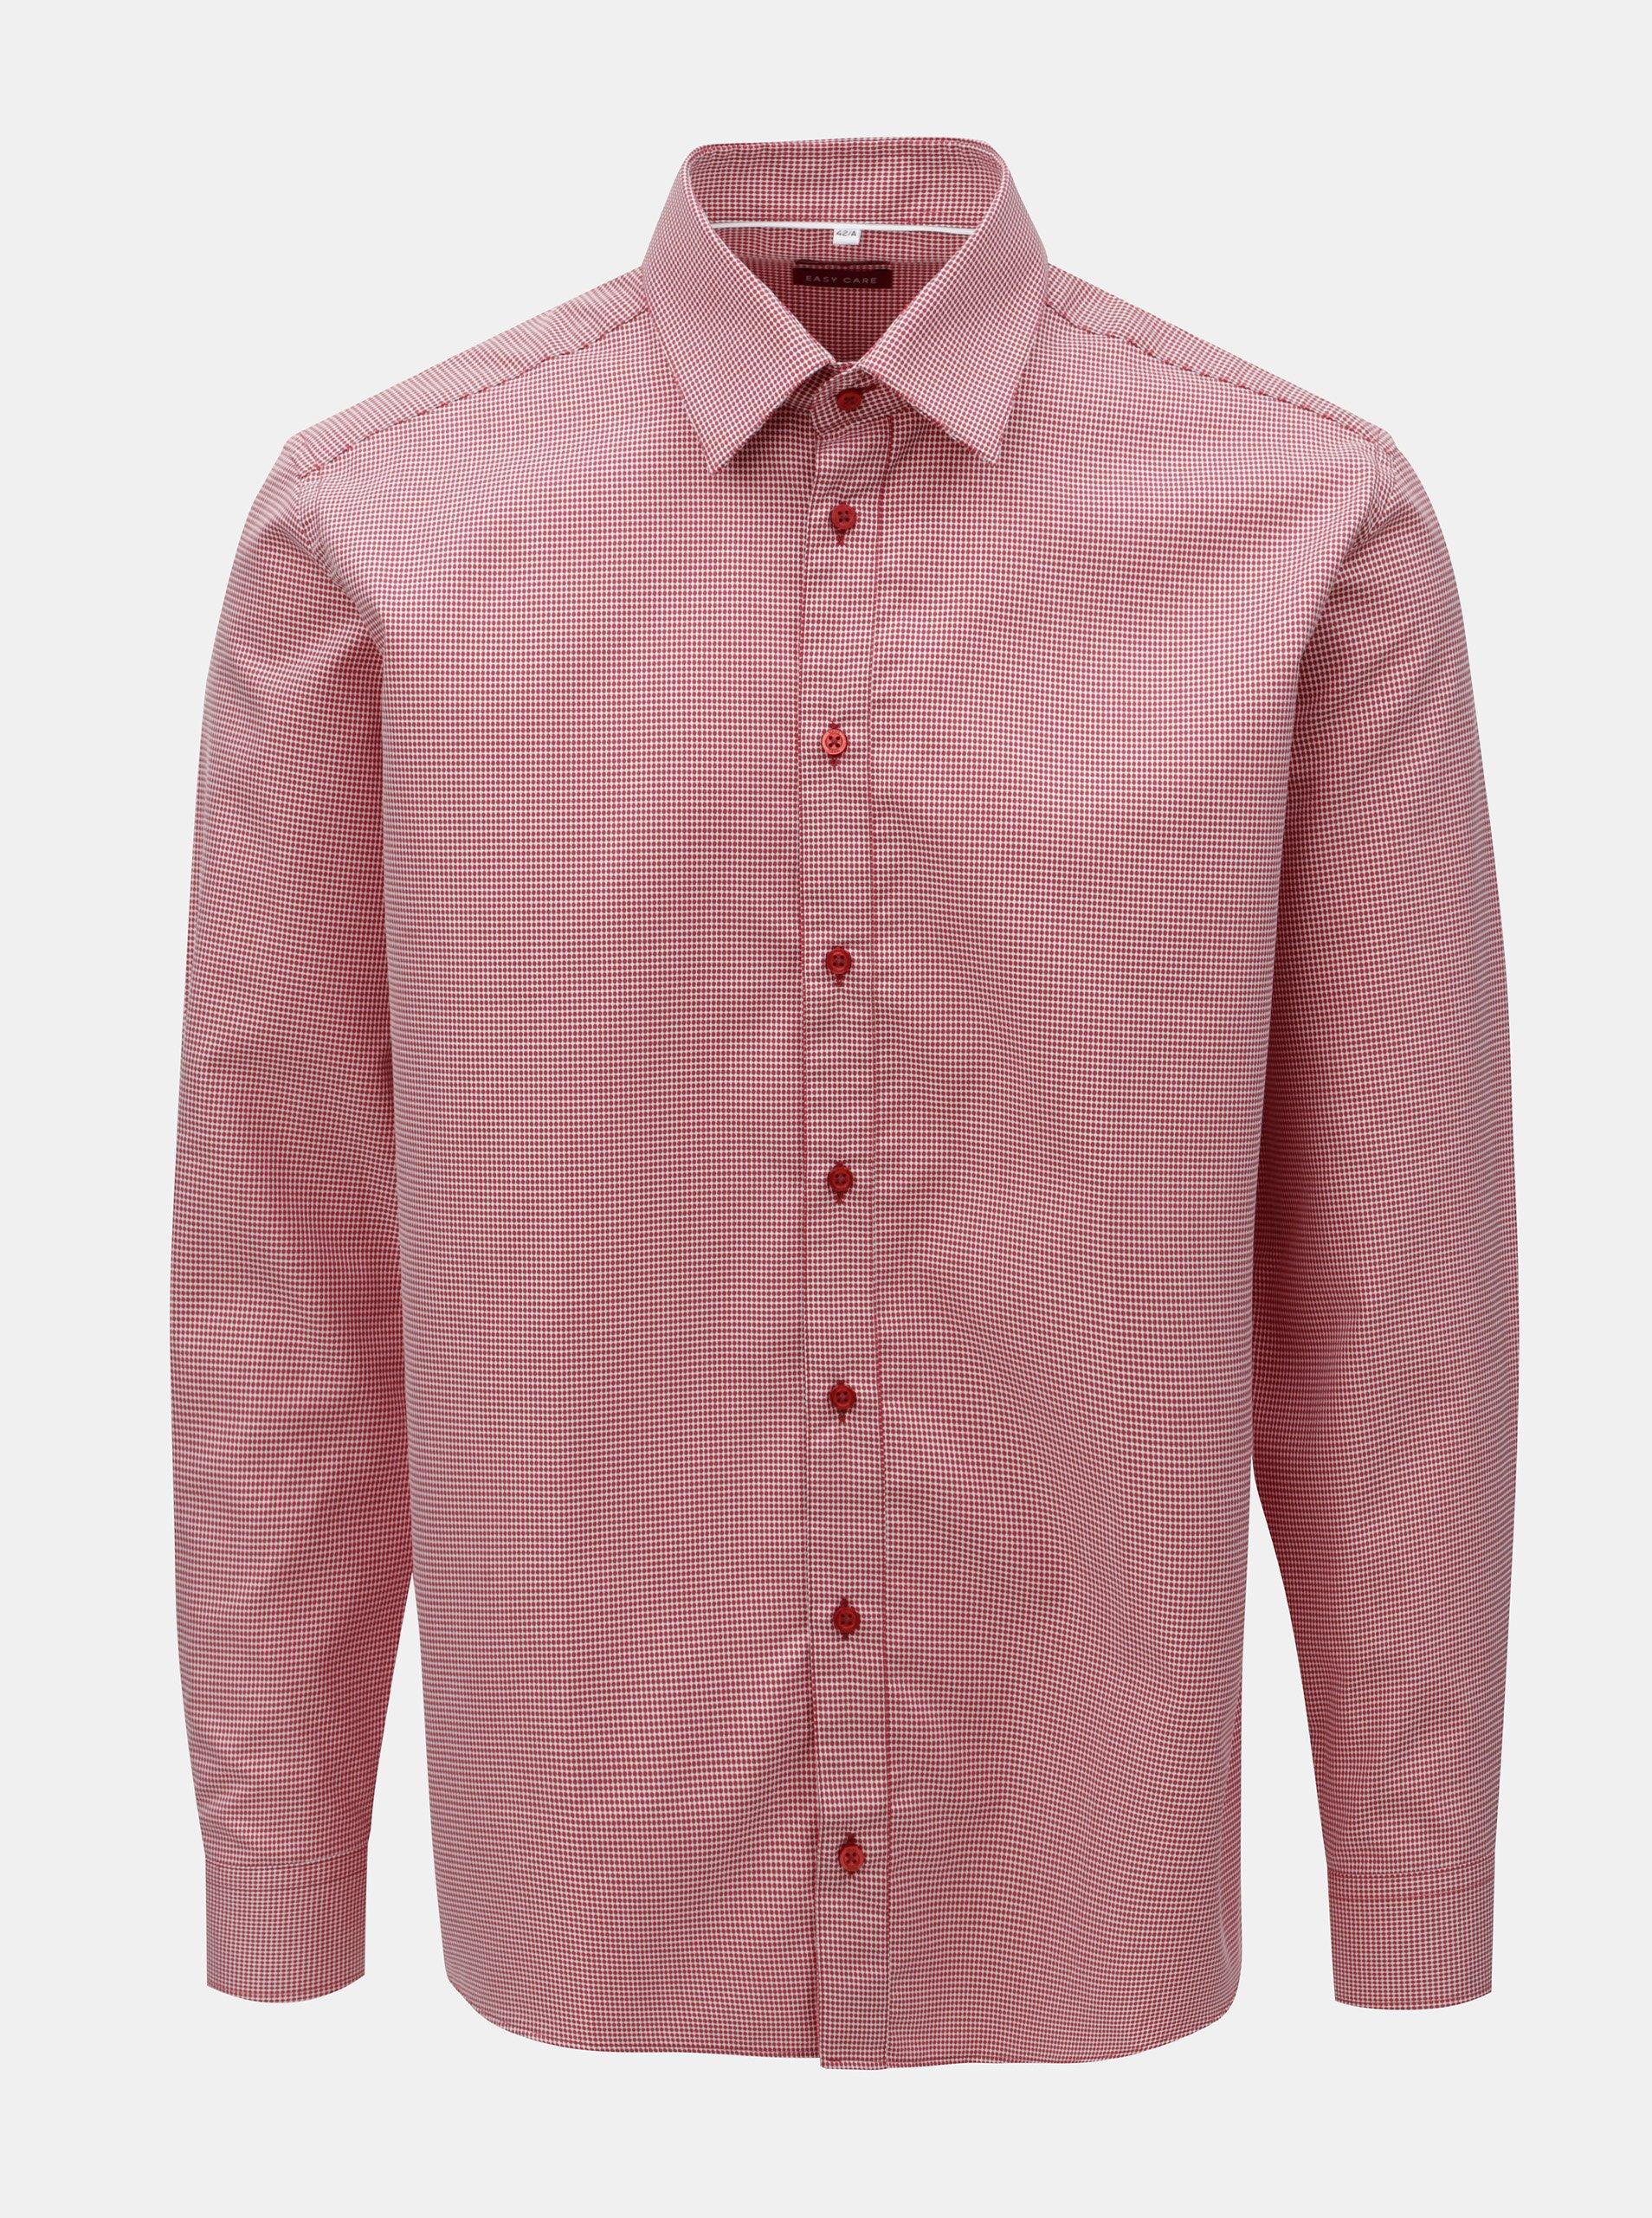 52cabc696 Červená pánska vzorovaná košeľa s dlhým rukávom VAVI | Moda.sk